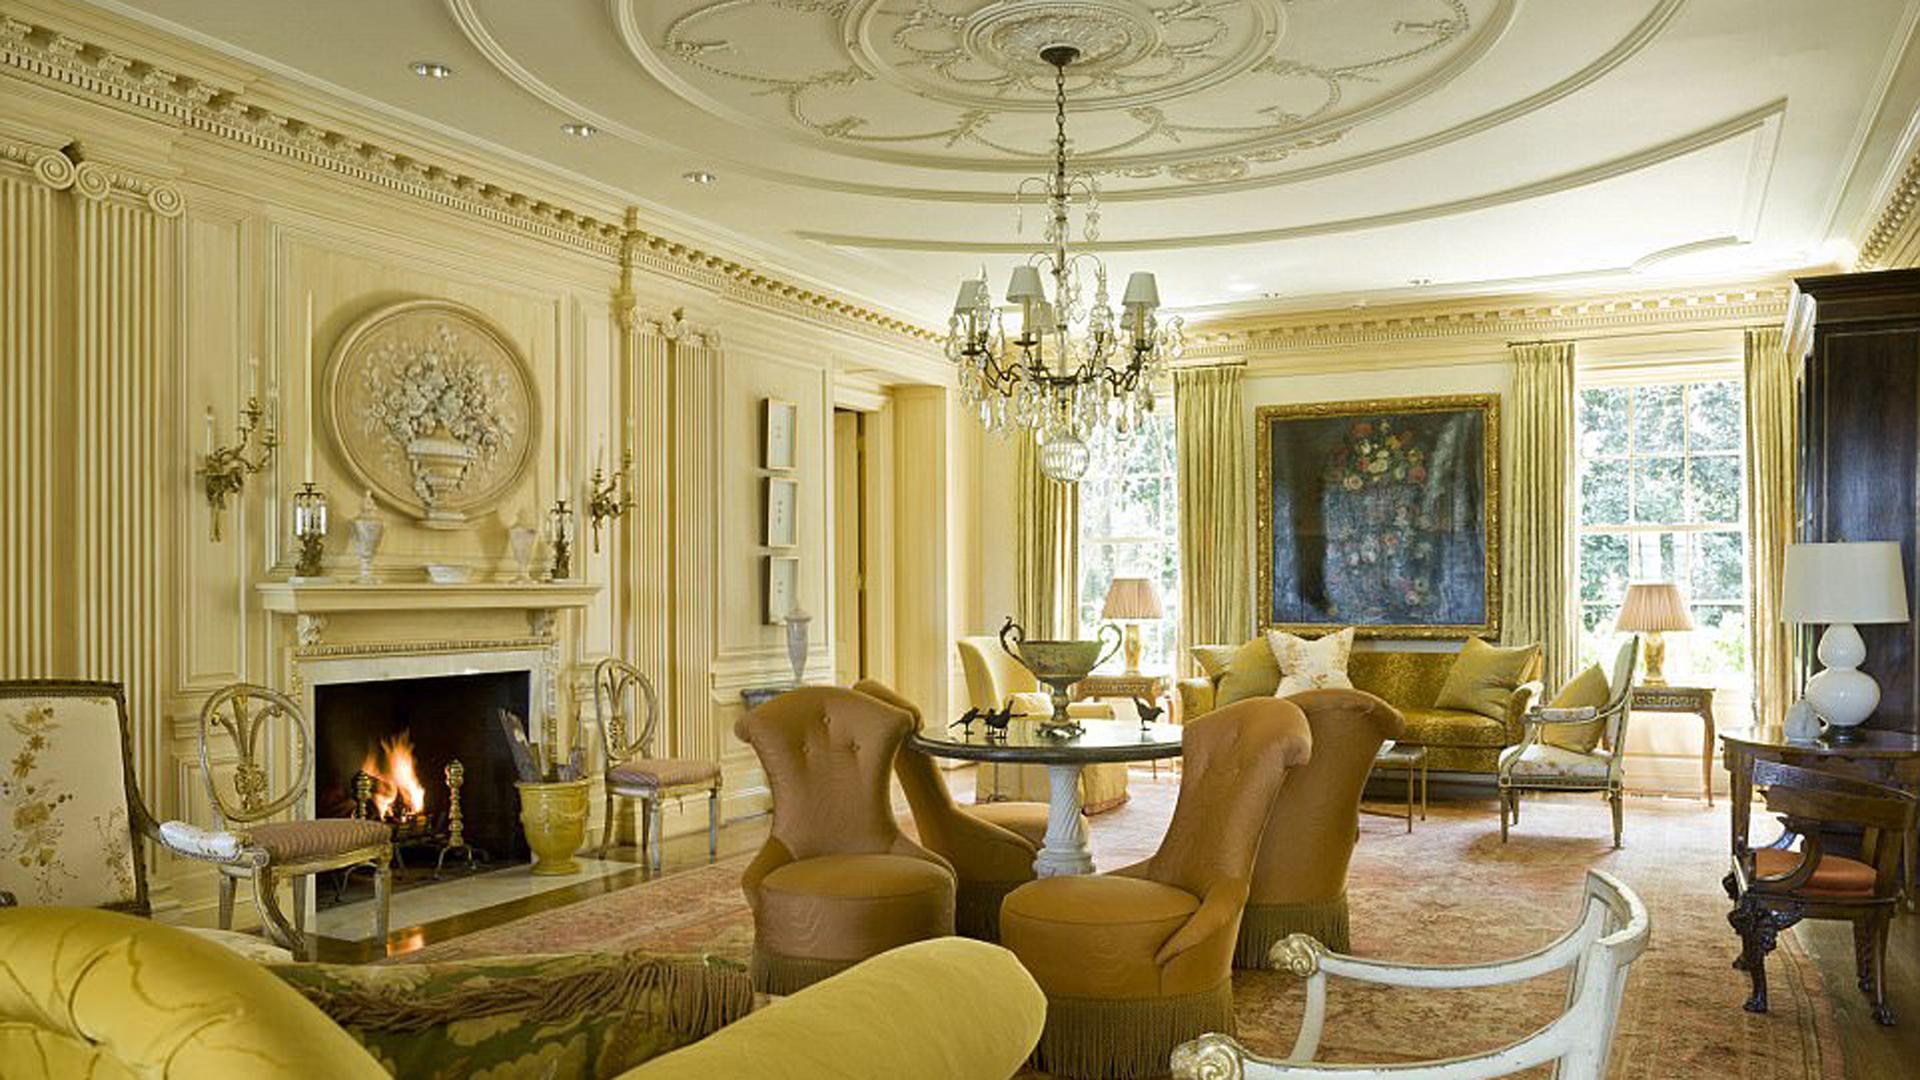 La vivienda estuvo bien conservada a lo largo de los años aunque los dueños la fueron modernizando